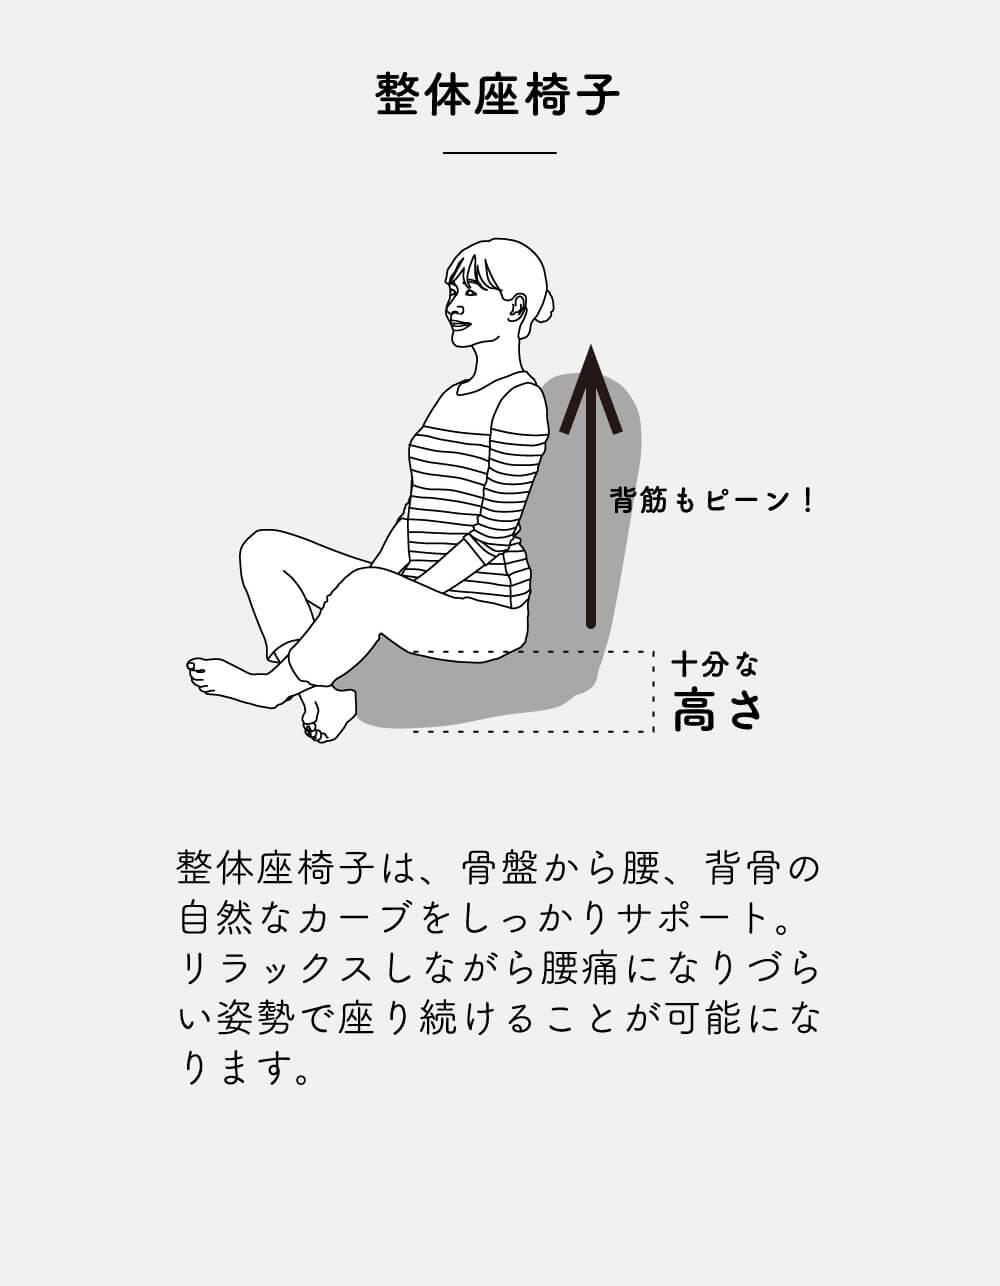 整体座椅子は体の自然なカーブをしっかりサポート 腰痛になりづらい体勢をリラックスしながら維持できます